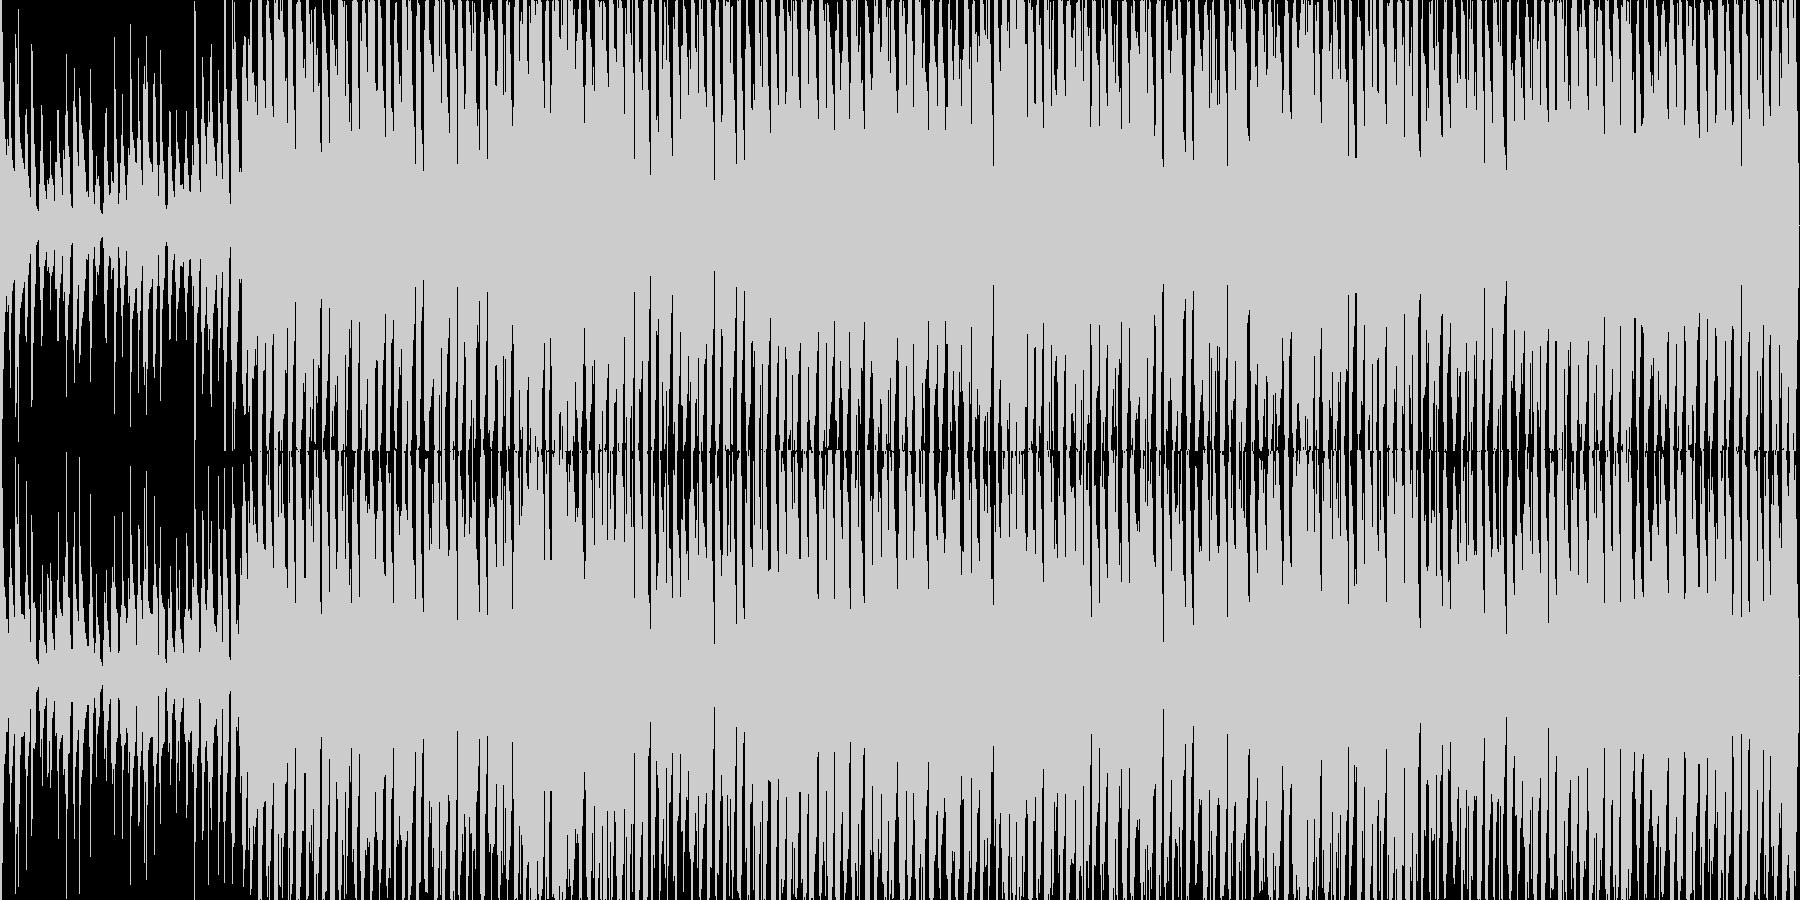 リズミカルで陽気なウクレレとピアノの未再生の波形